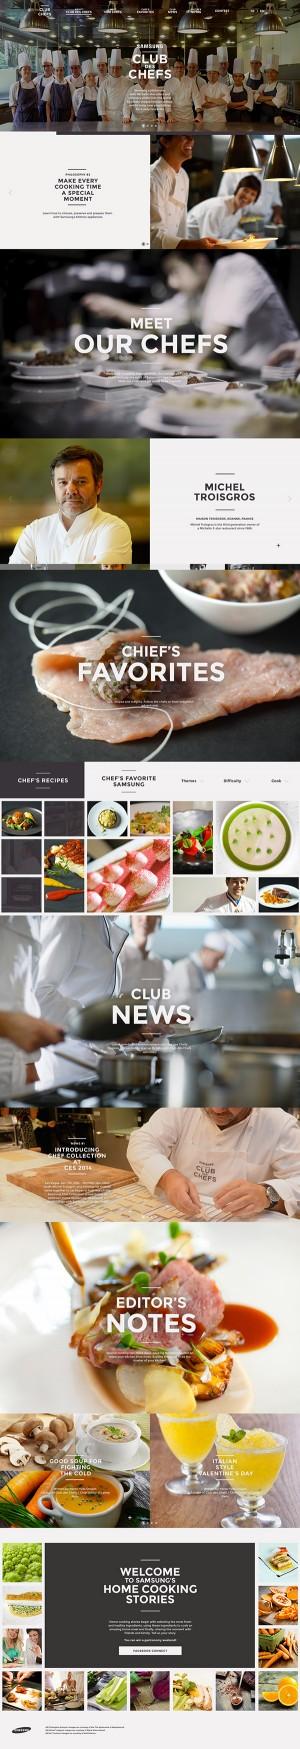 Samsung – Club des Chefs